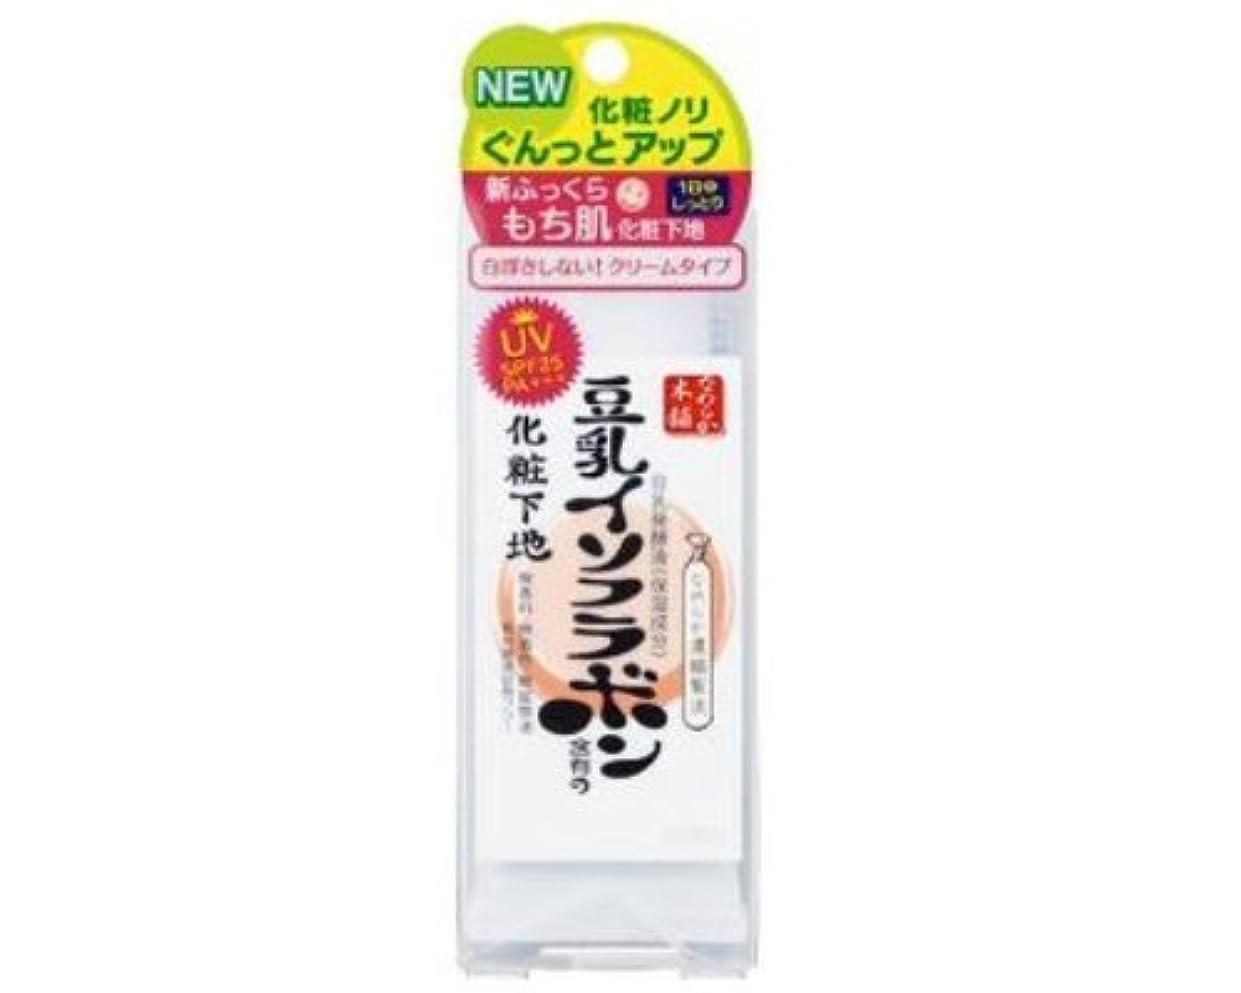 記者安らぎ恋人常盤薬品工業 サナ なめらか本舗 豆乳イソフラボン含有のUV化粧下地N 40g×72点セット (4964596457333)